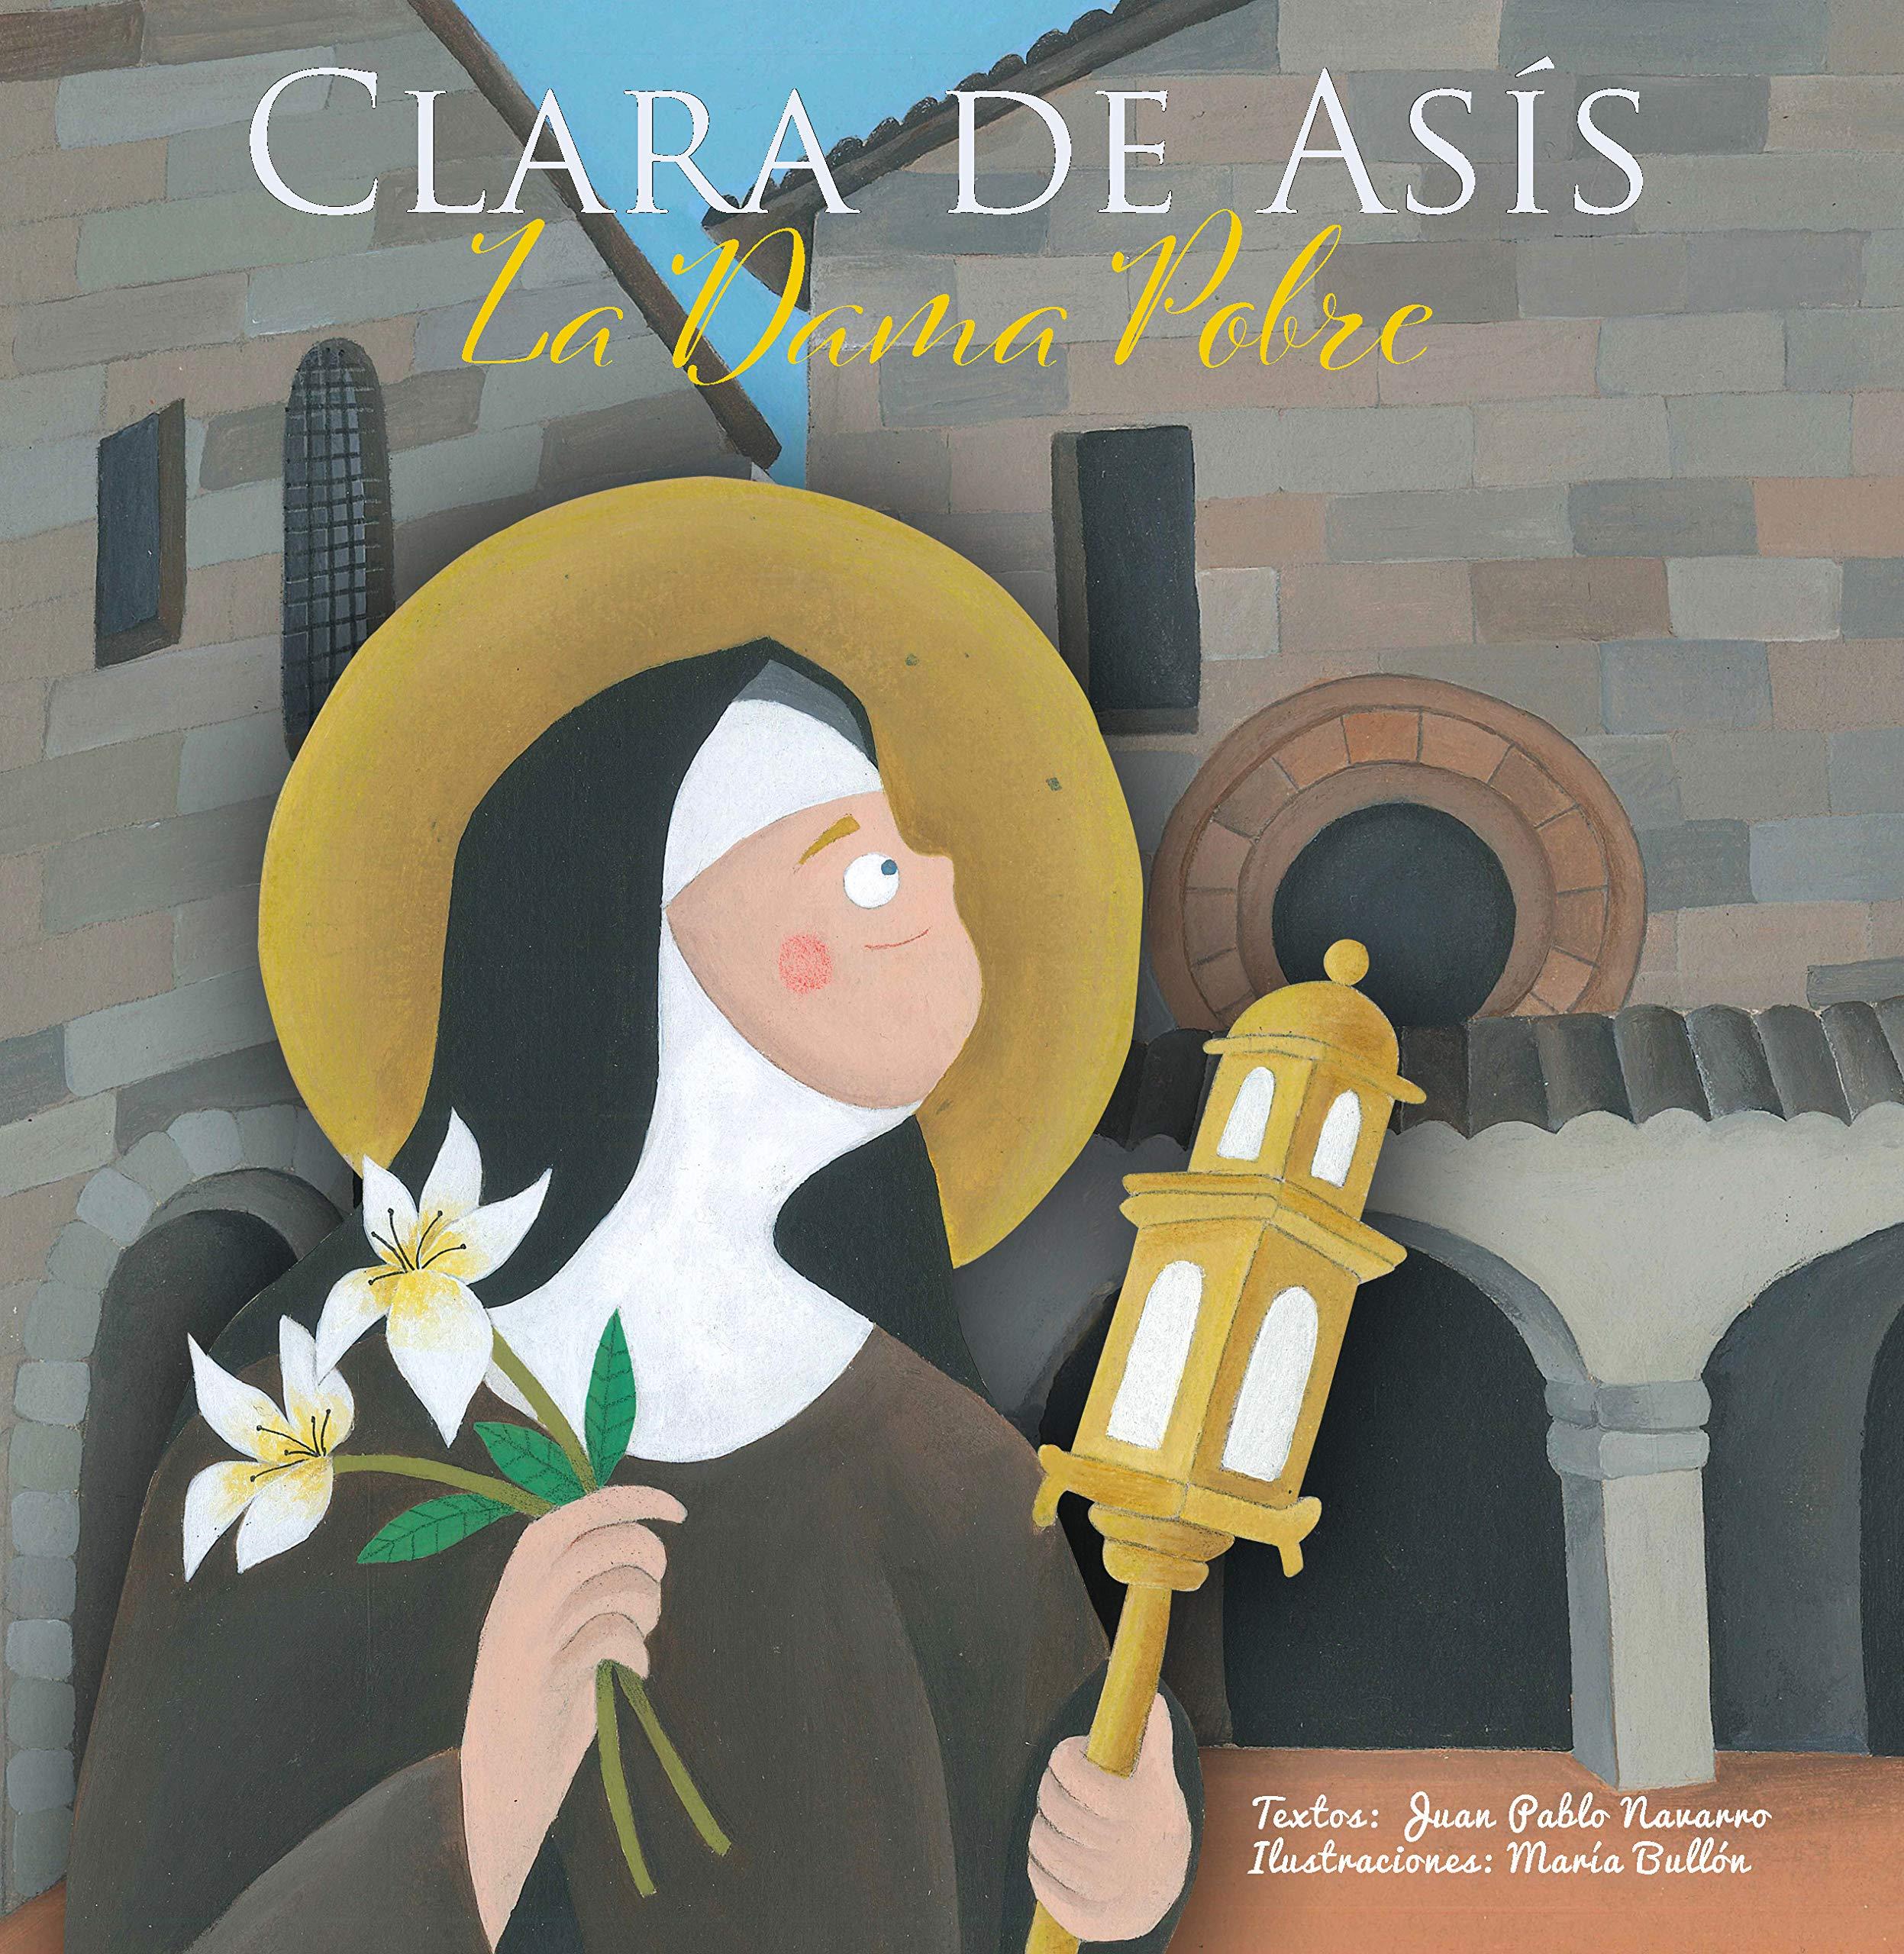 Clara de Asís - La Dama Pobre (Vidas de Santos)